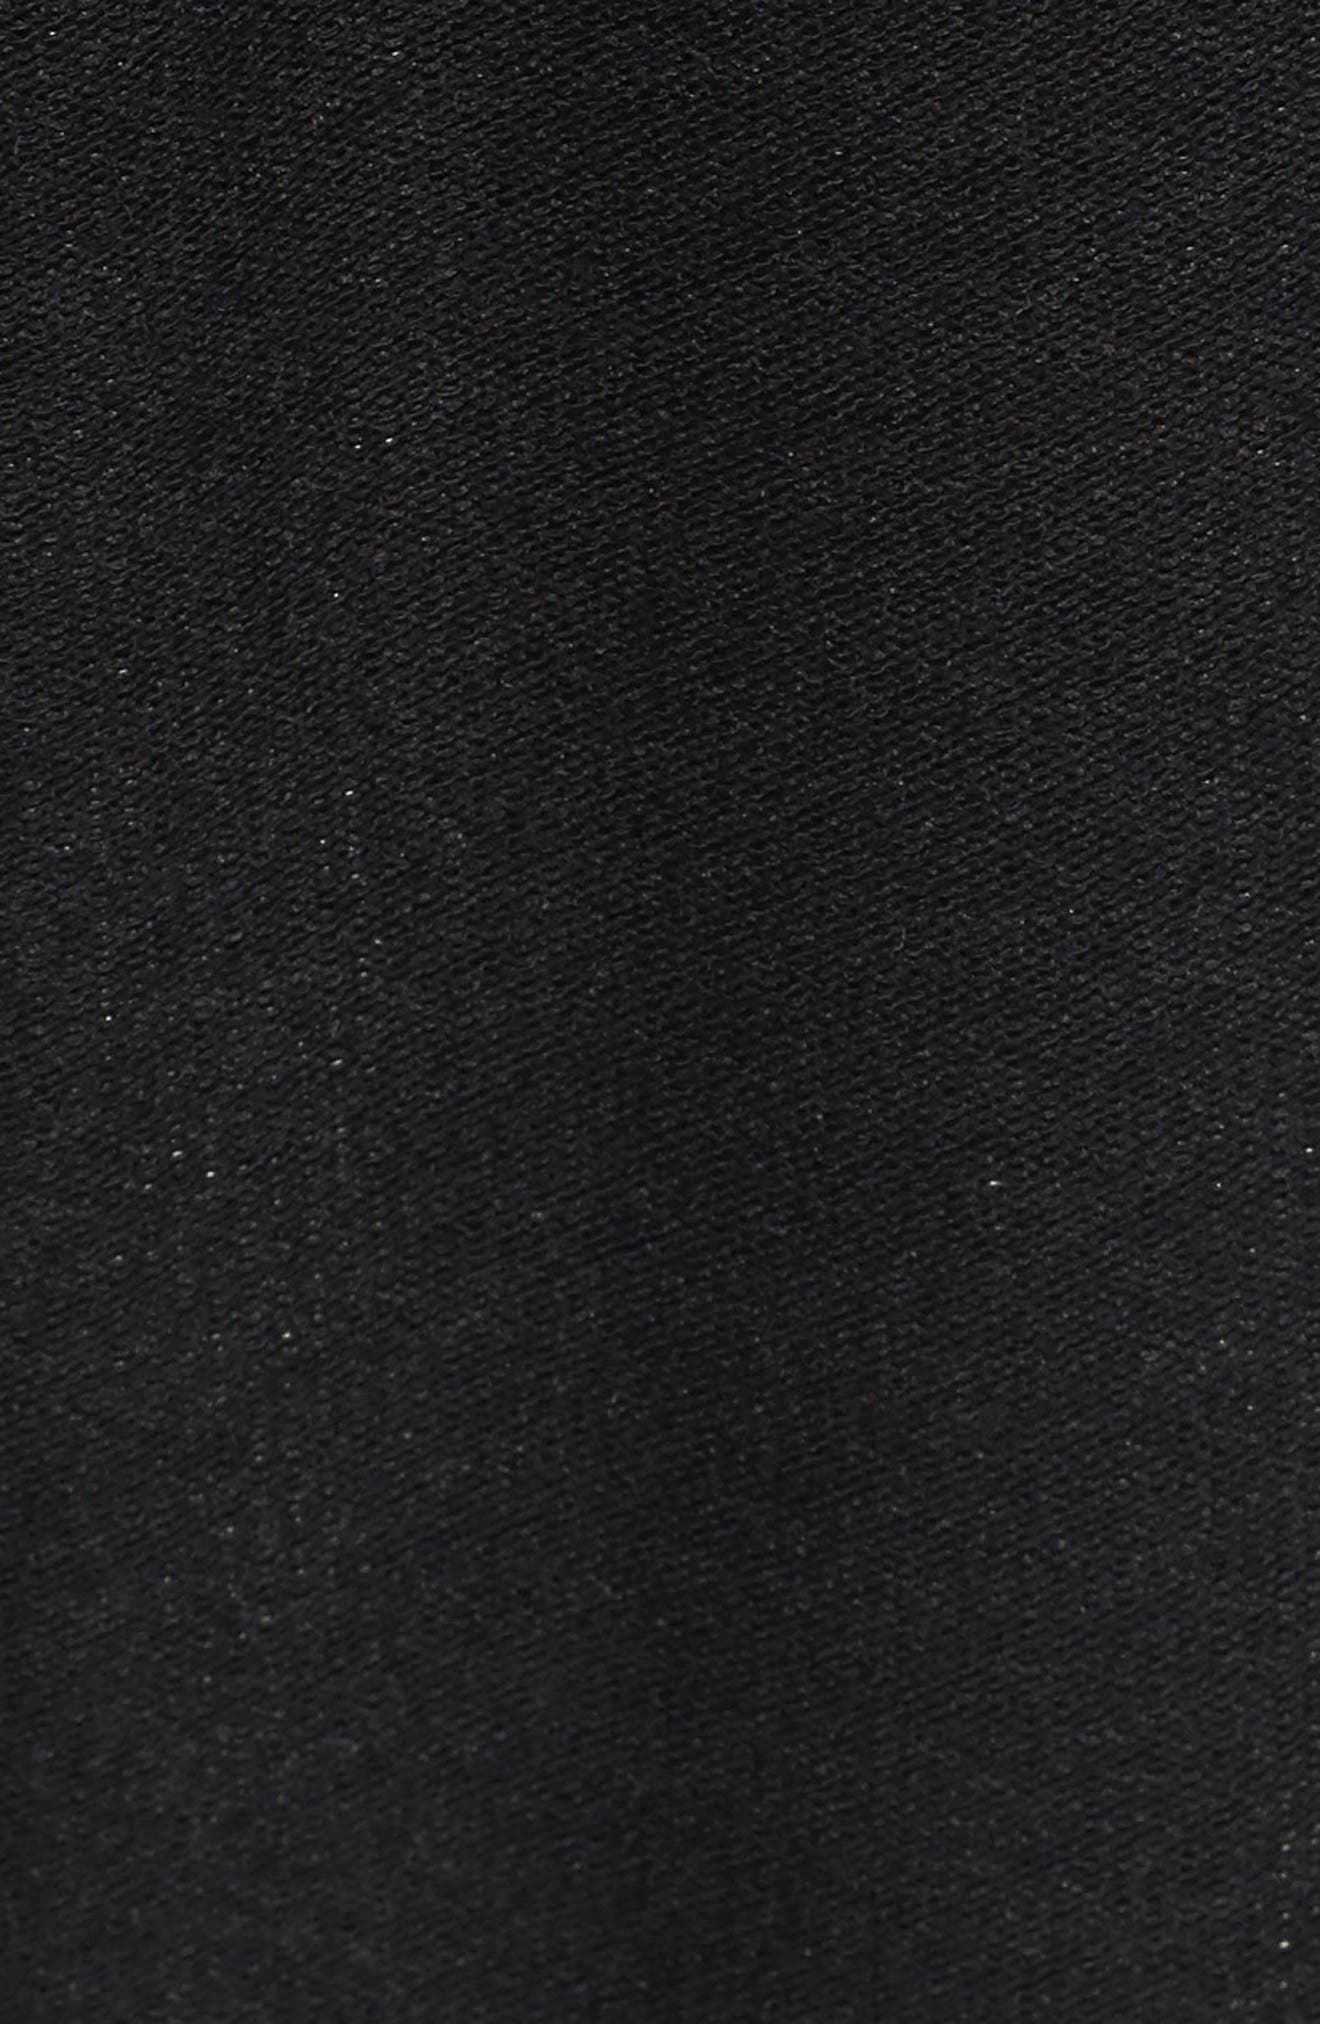 Ultra Soft Jogger Pants,                             Alternate thumbnail 5, color,                             BLACK